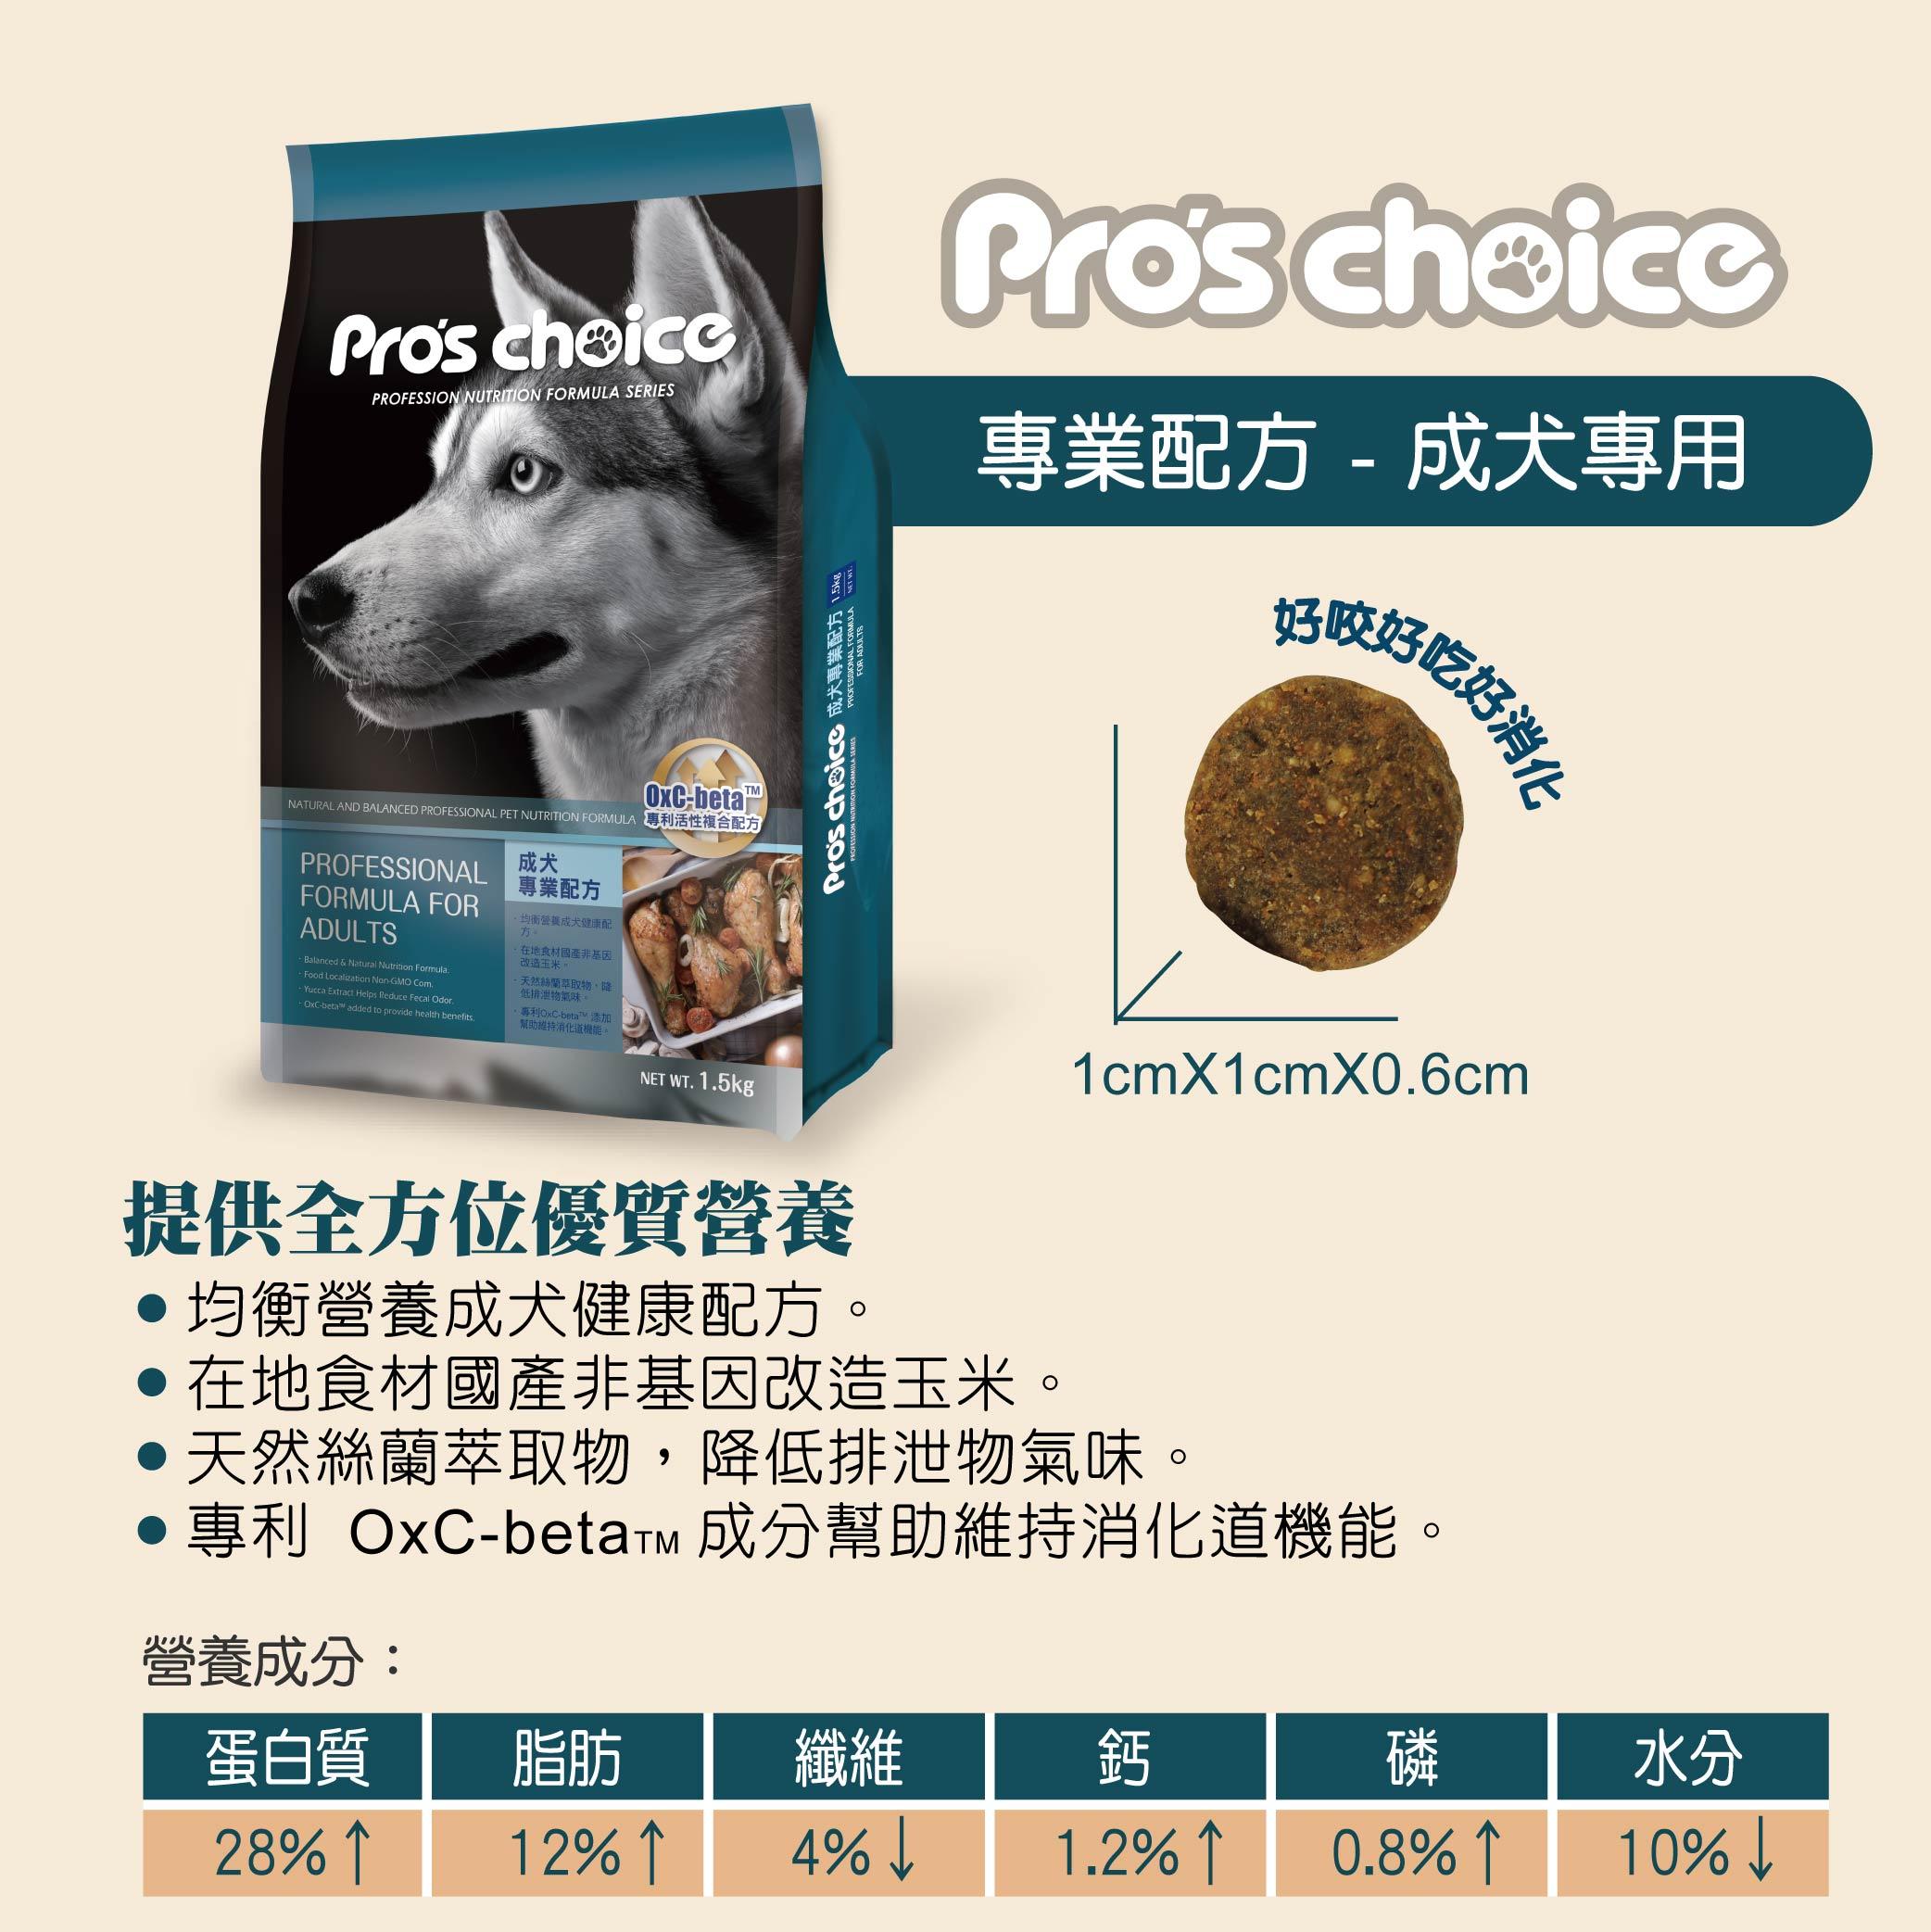 博士巧思成犬專業配方 顆料大小、產品特色、營養比例